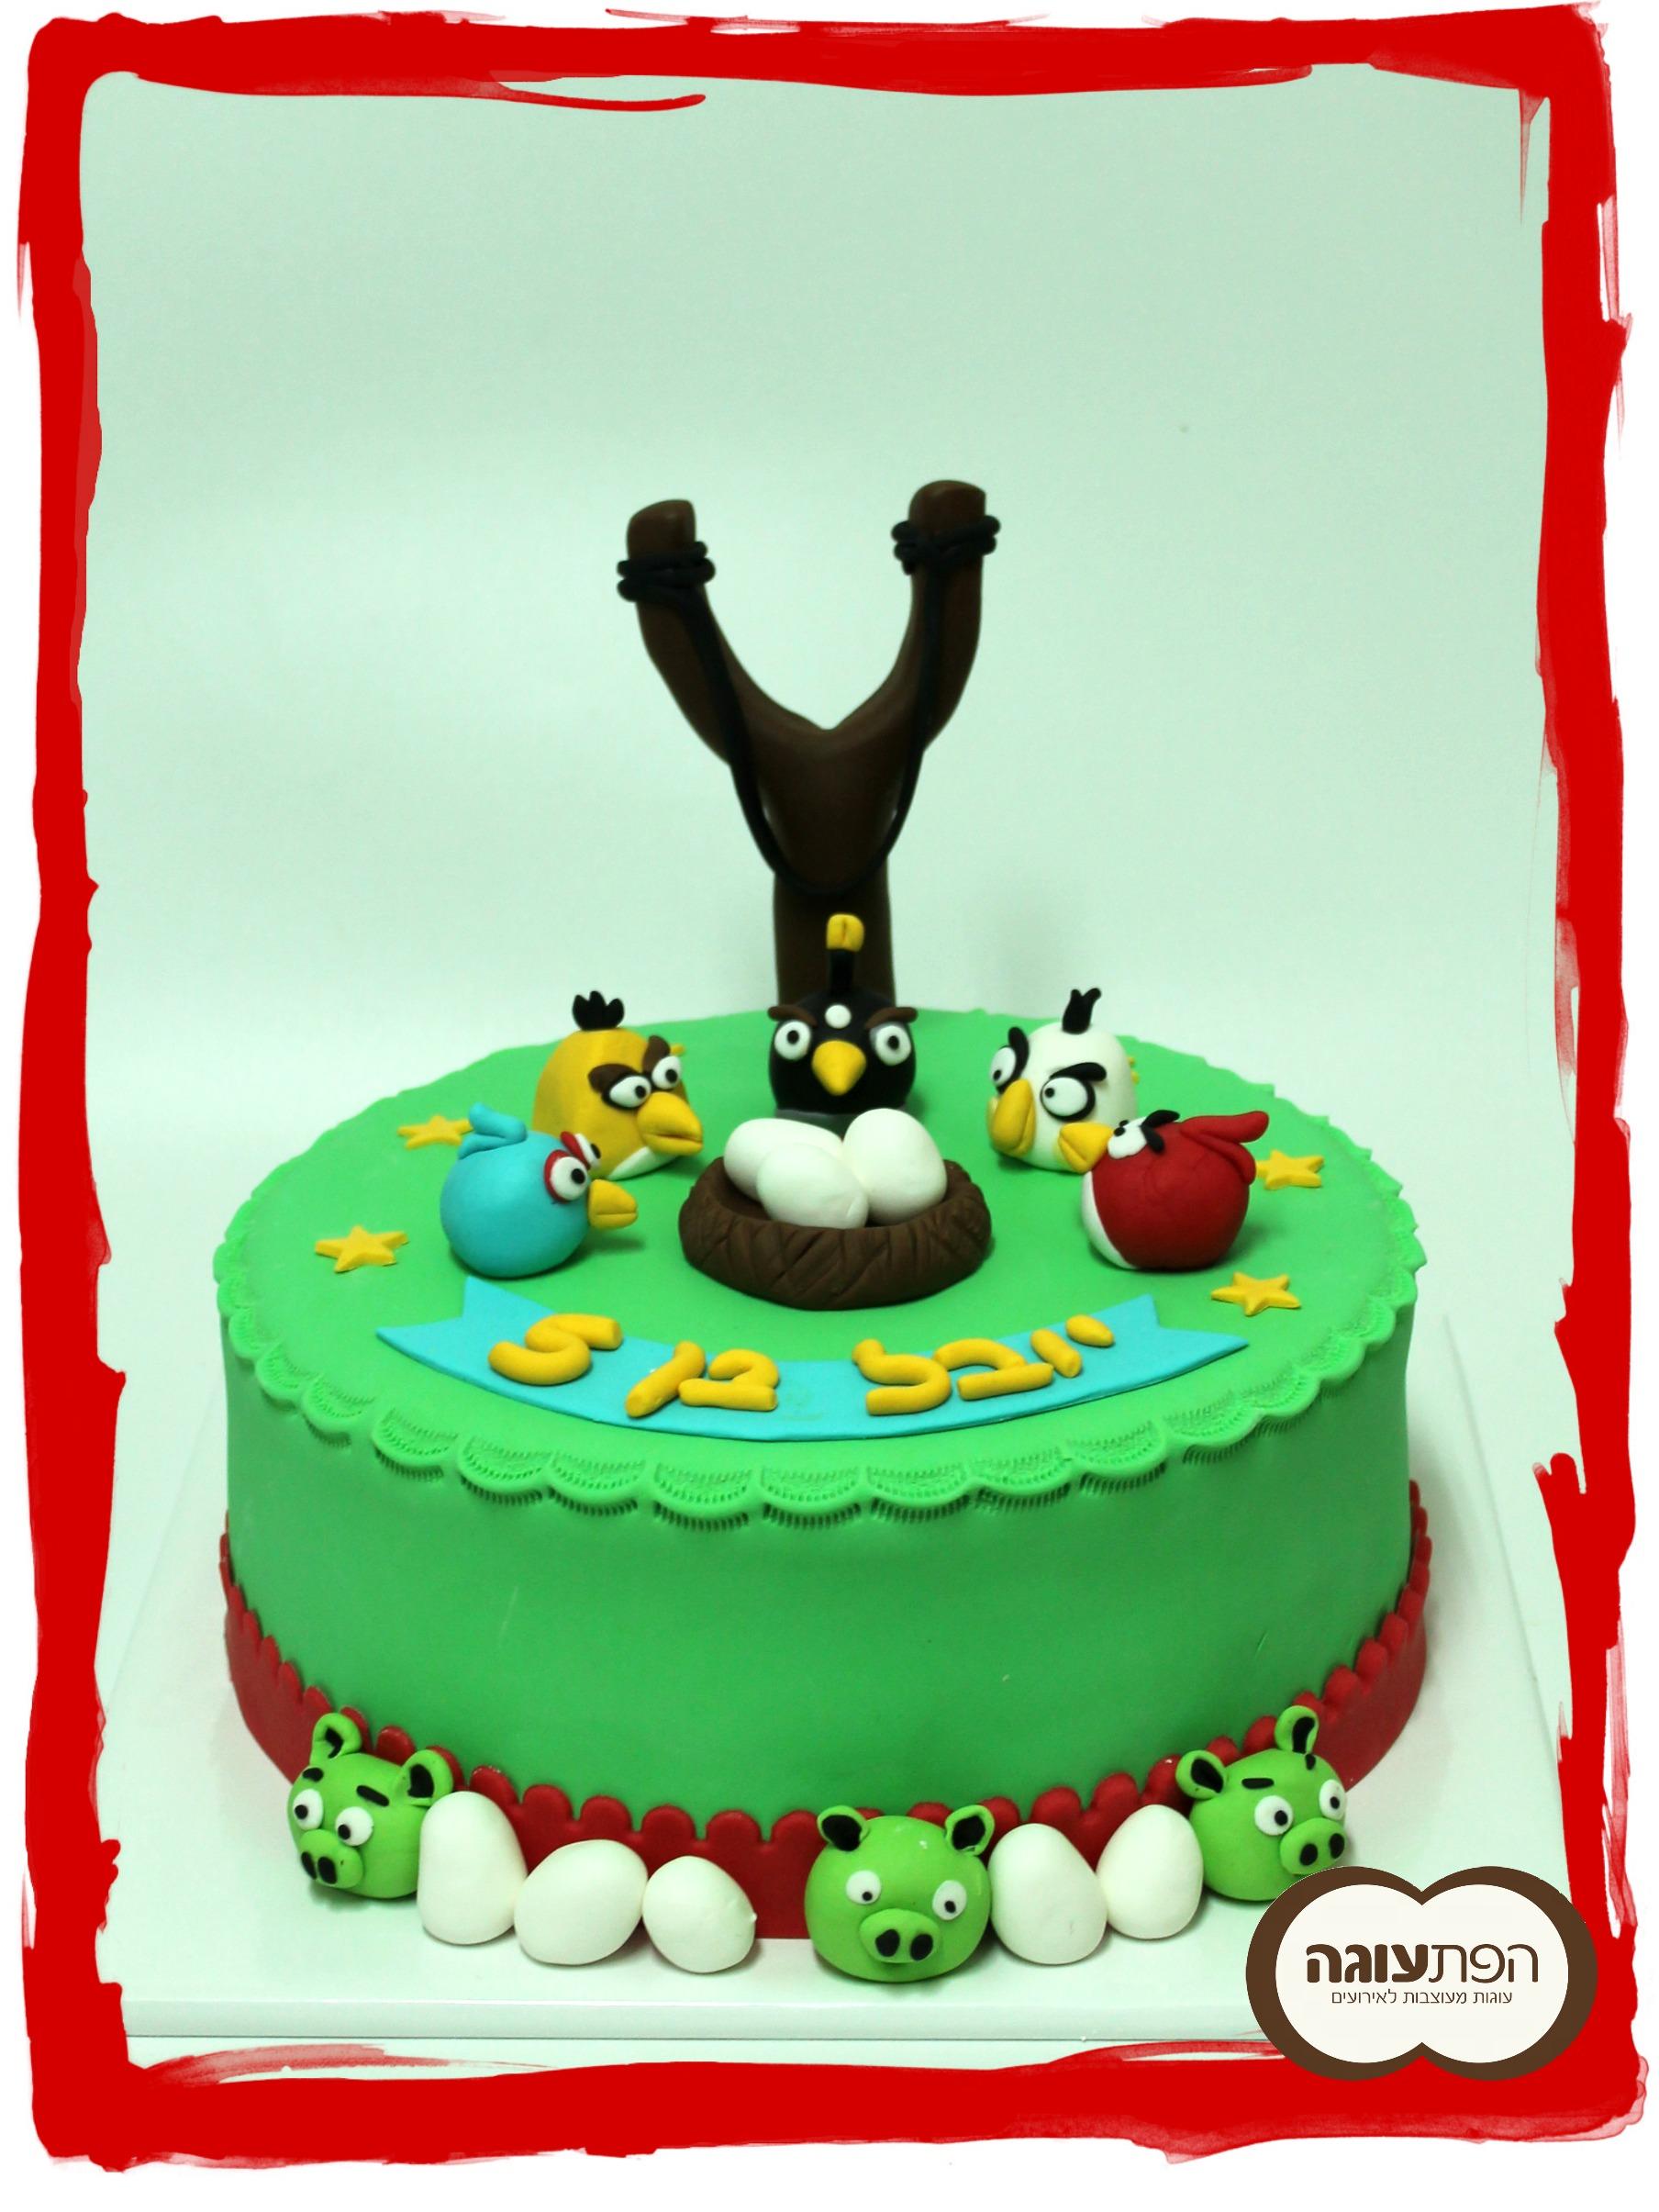 עוגת אנגרי בירדס 2015